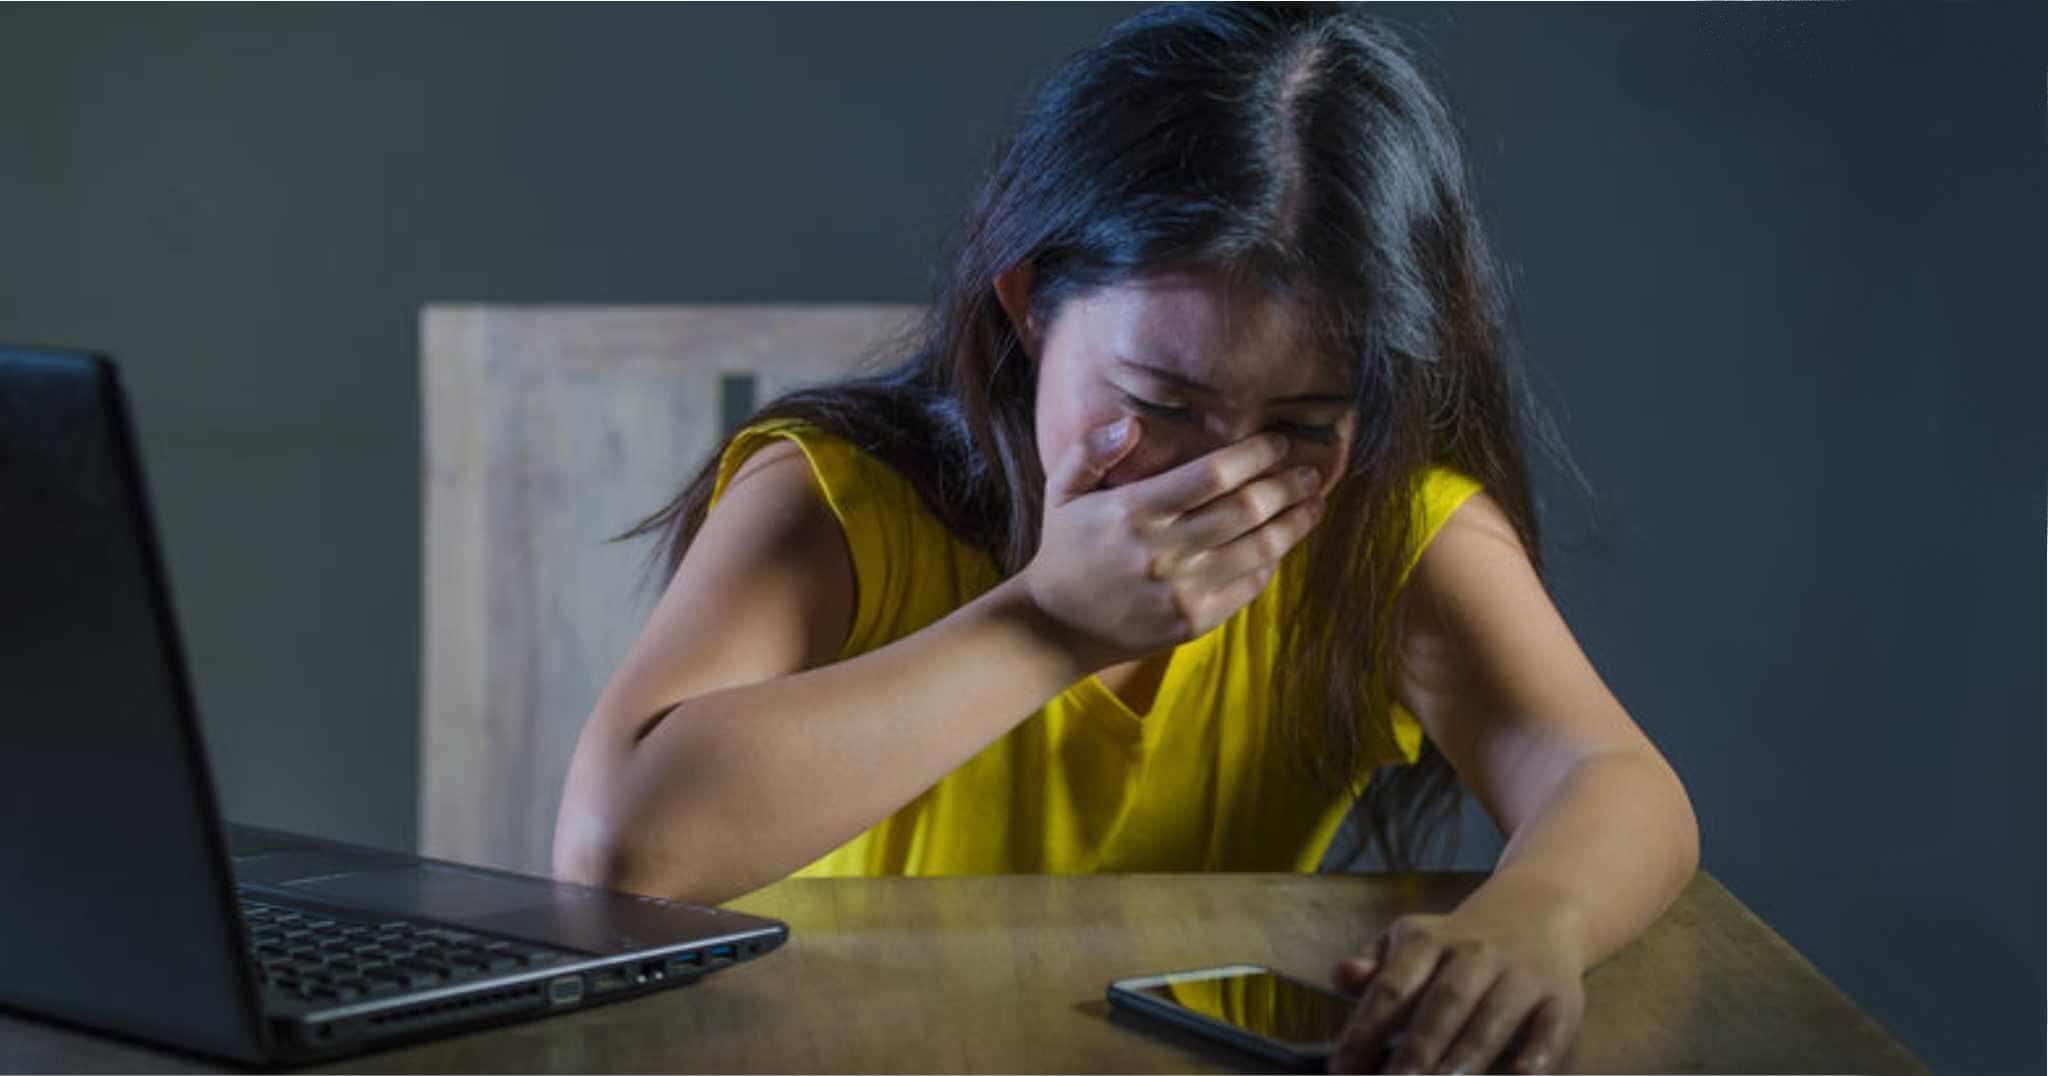 «Χαμόγελο του Παιδιού» : Η ΕΕ αποτυγχάνει να διατηρήσει την τεχνολογία για την προστασία των παιδιών από τη σεξουαλική κακοποίηση